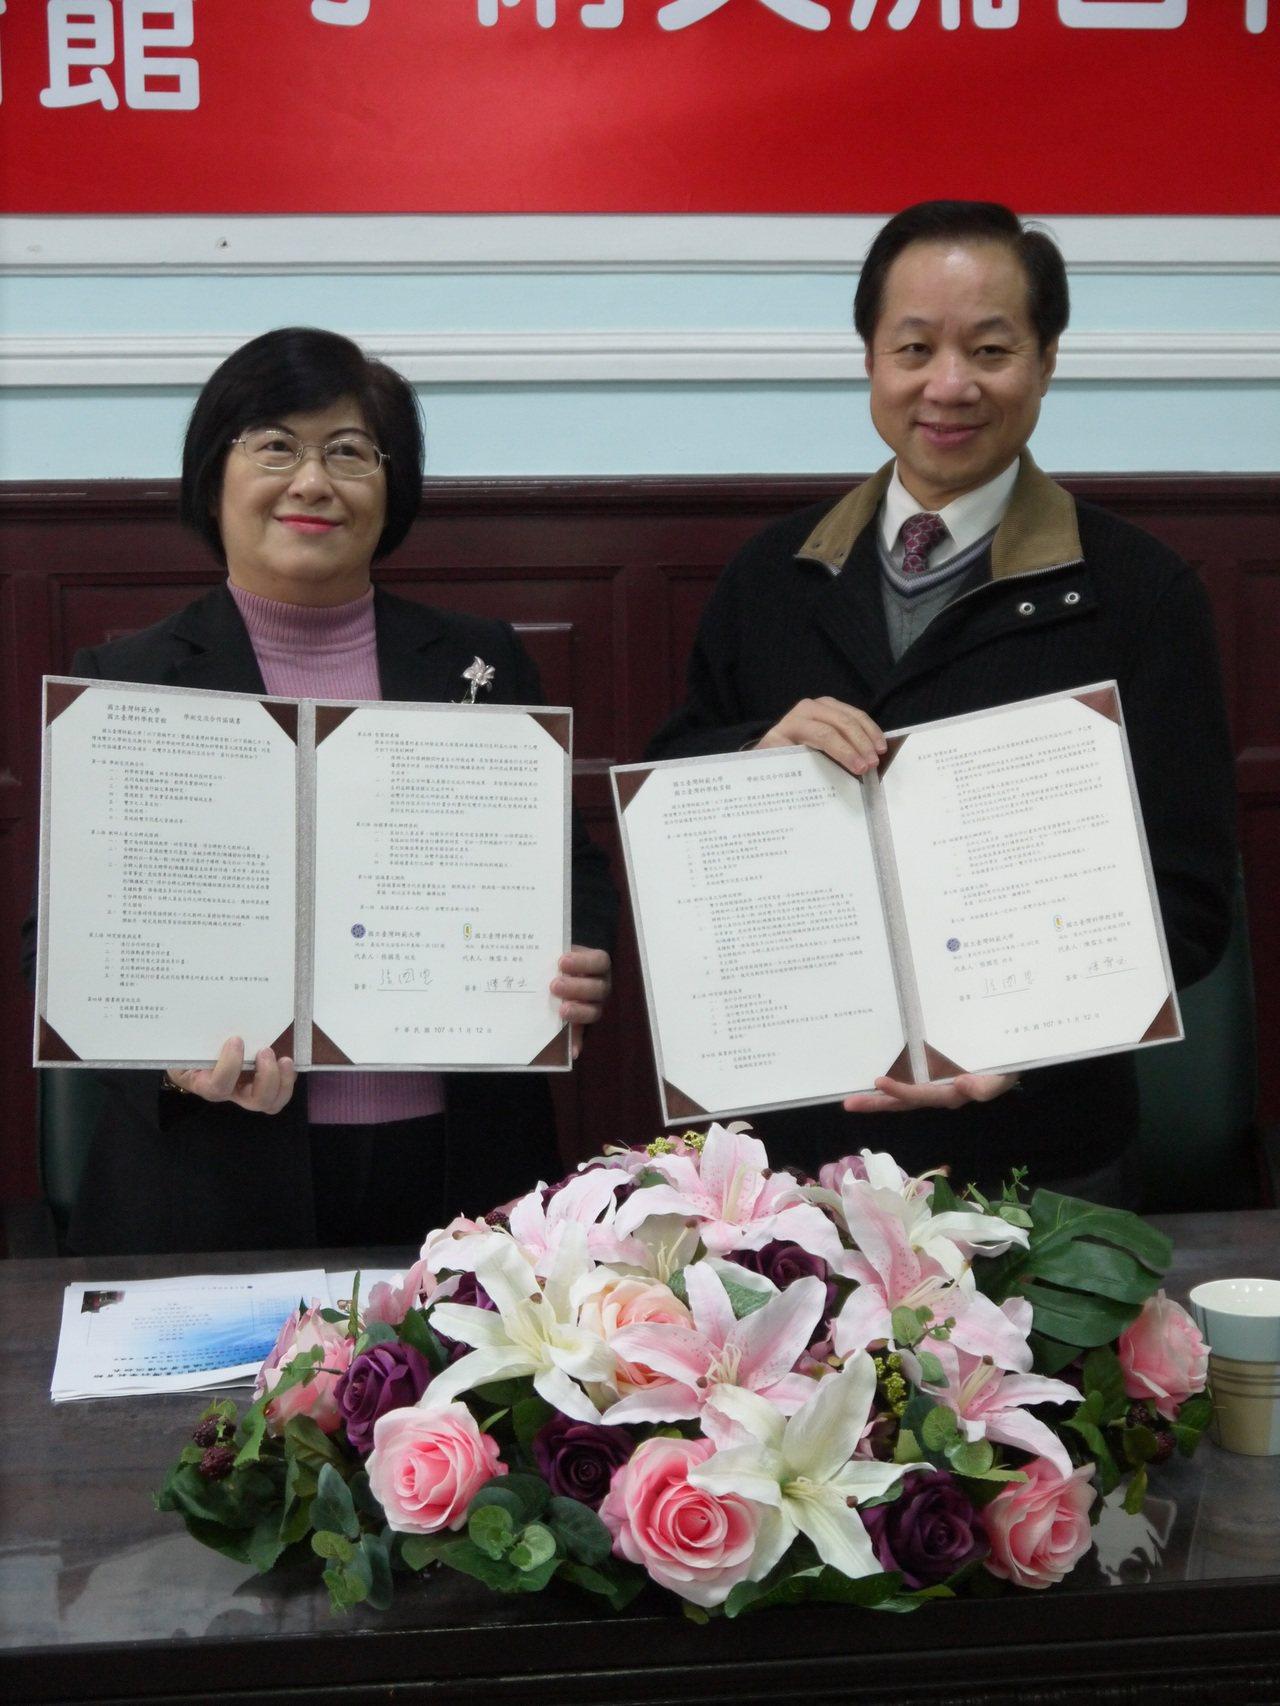 科教館和台師大今天簽署《學術交流合作協議》。圖/科教館提供